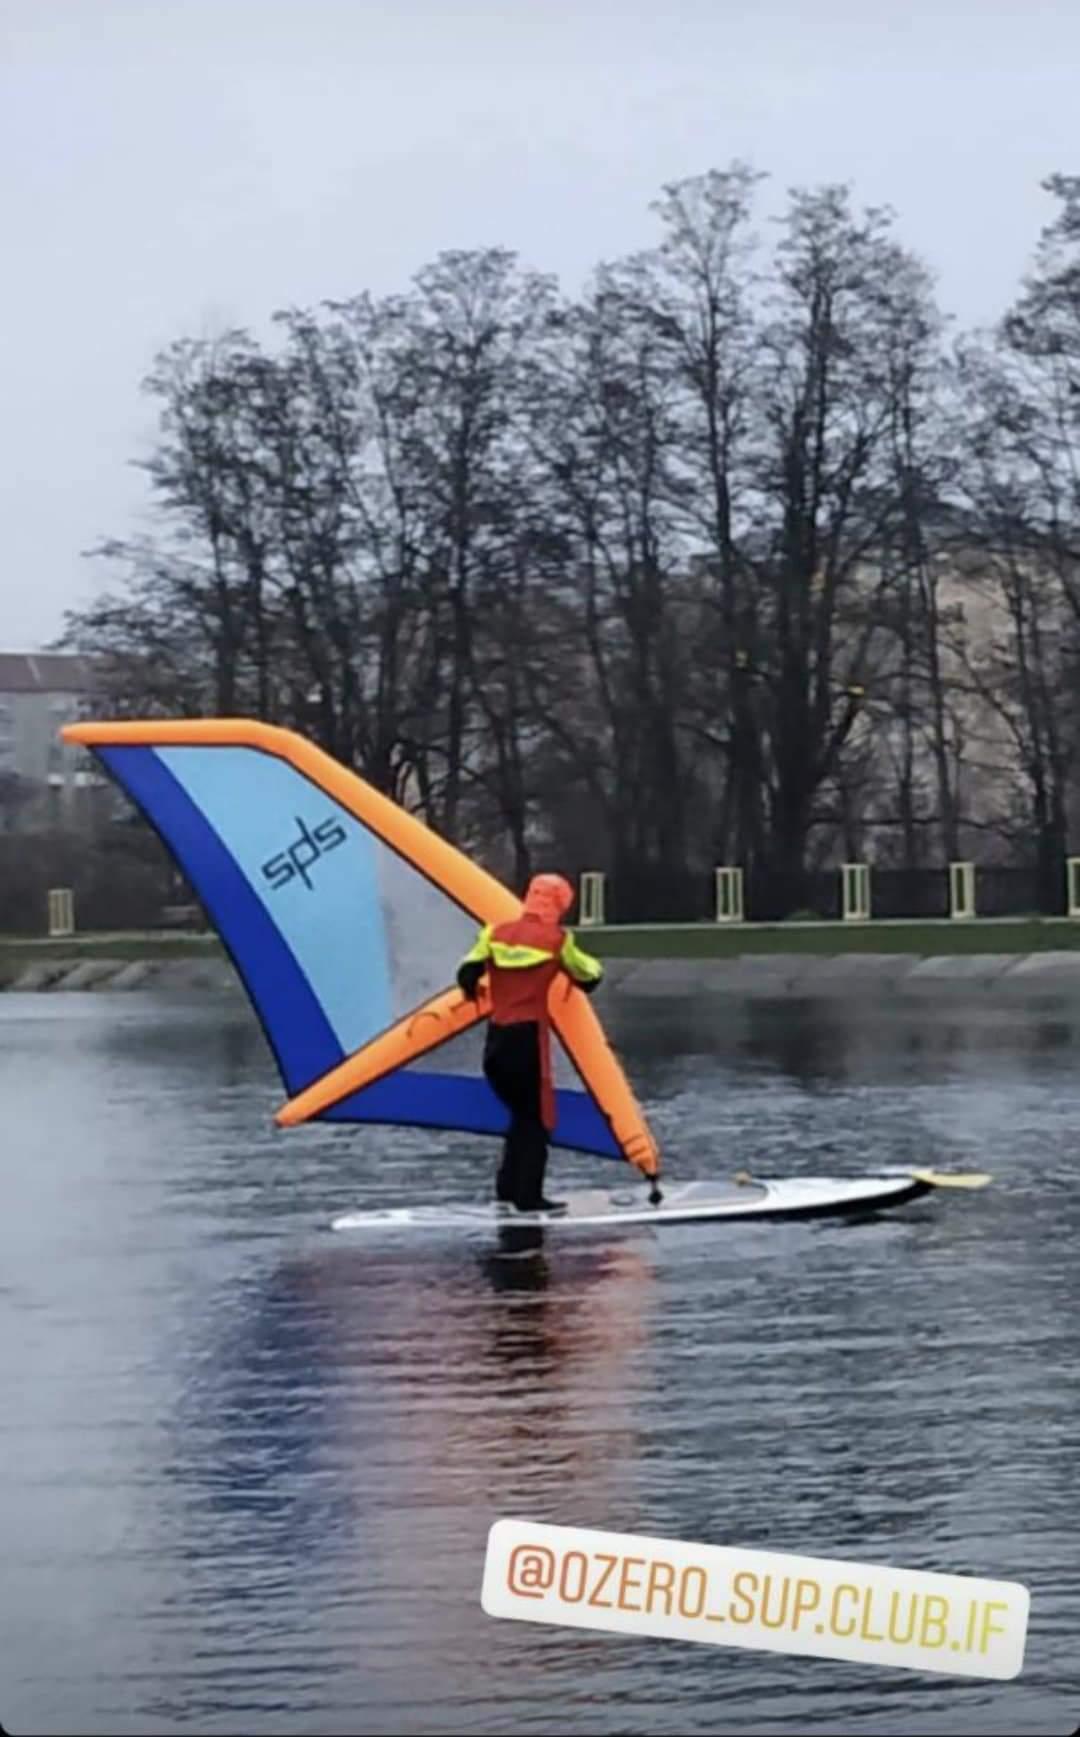 Фанат вітру: на міському озері рятувальники та поліція полювали за порушником-віндсерфером (ФОТОФАКТ, ОНОВЛЕНО)